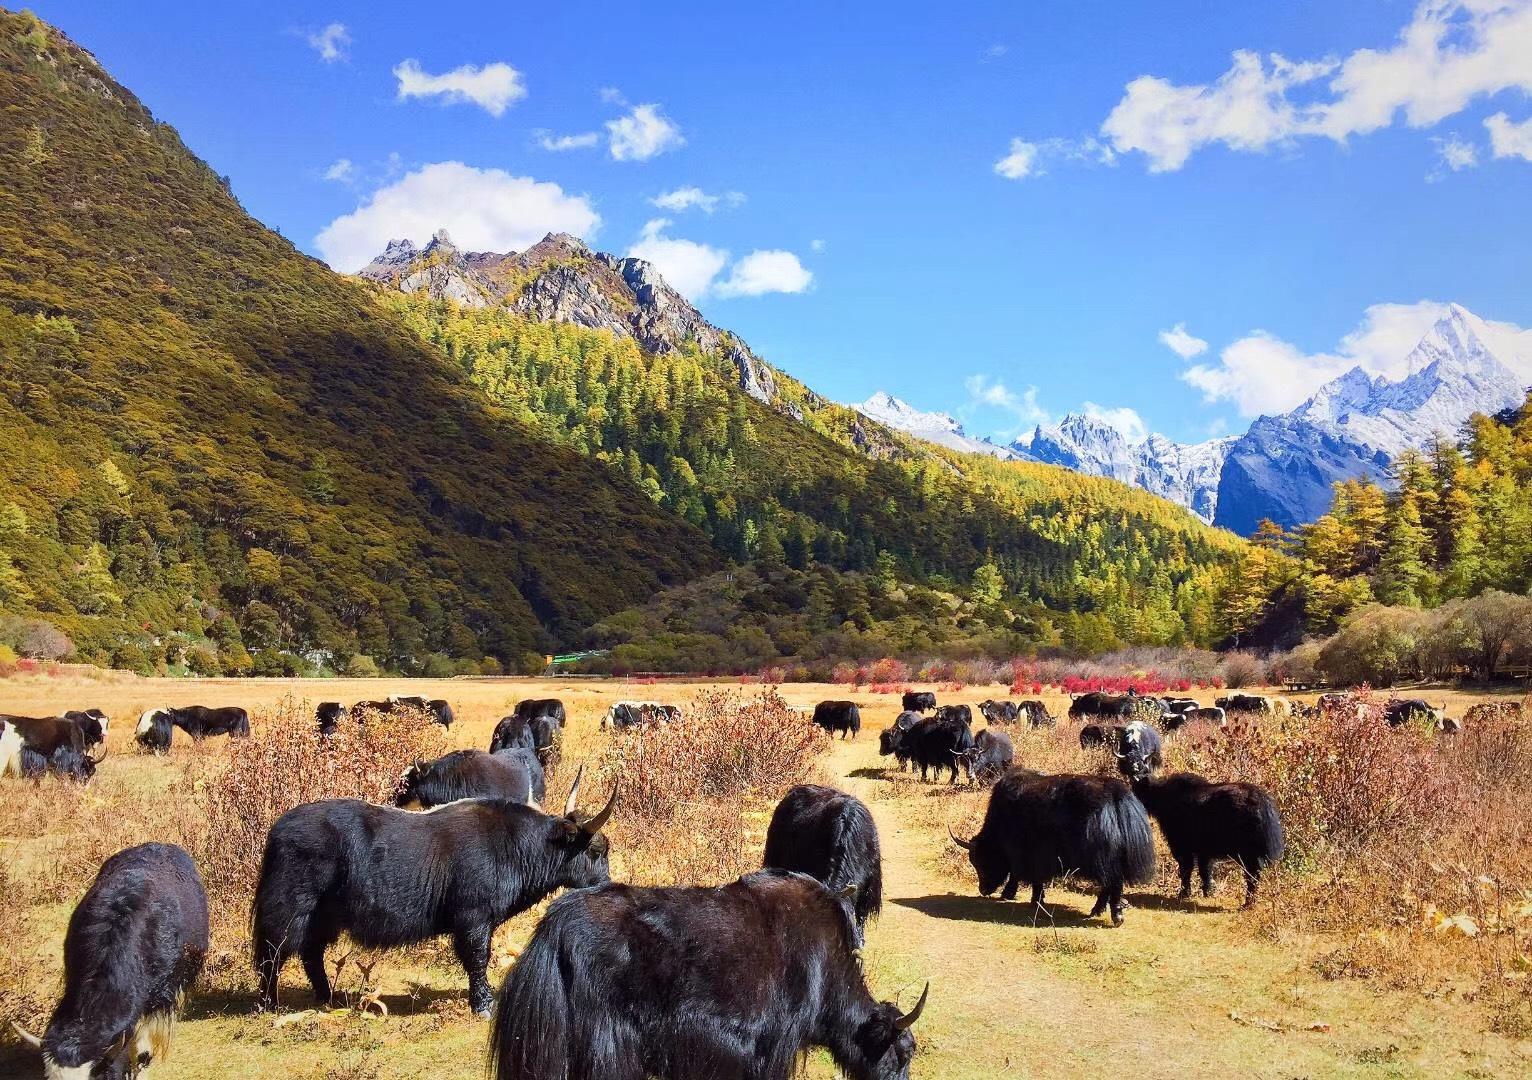 川藏线秋季错峰出行与美食美景有缘,包车拼车住宿也便宜! 川藏线旅游攻略 第4张